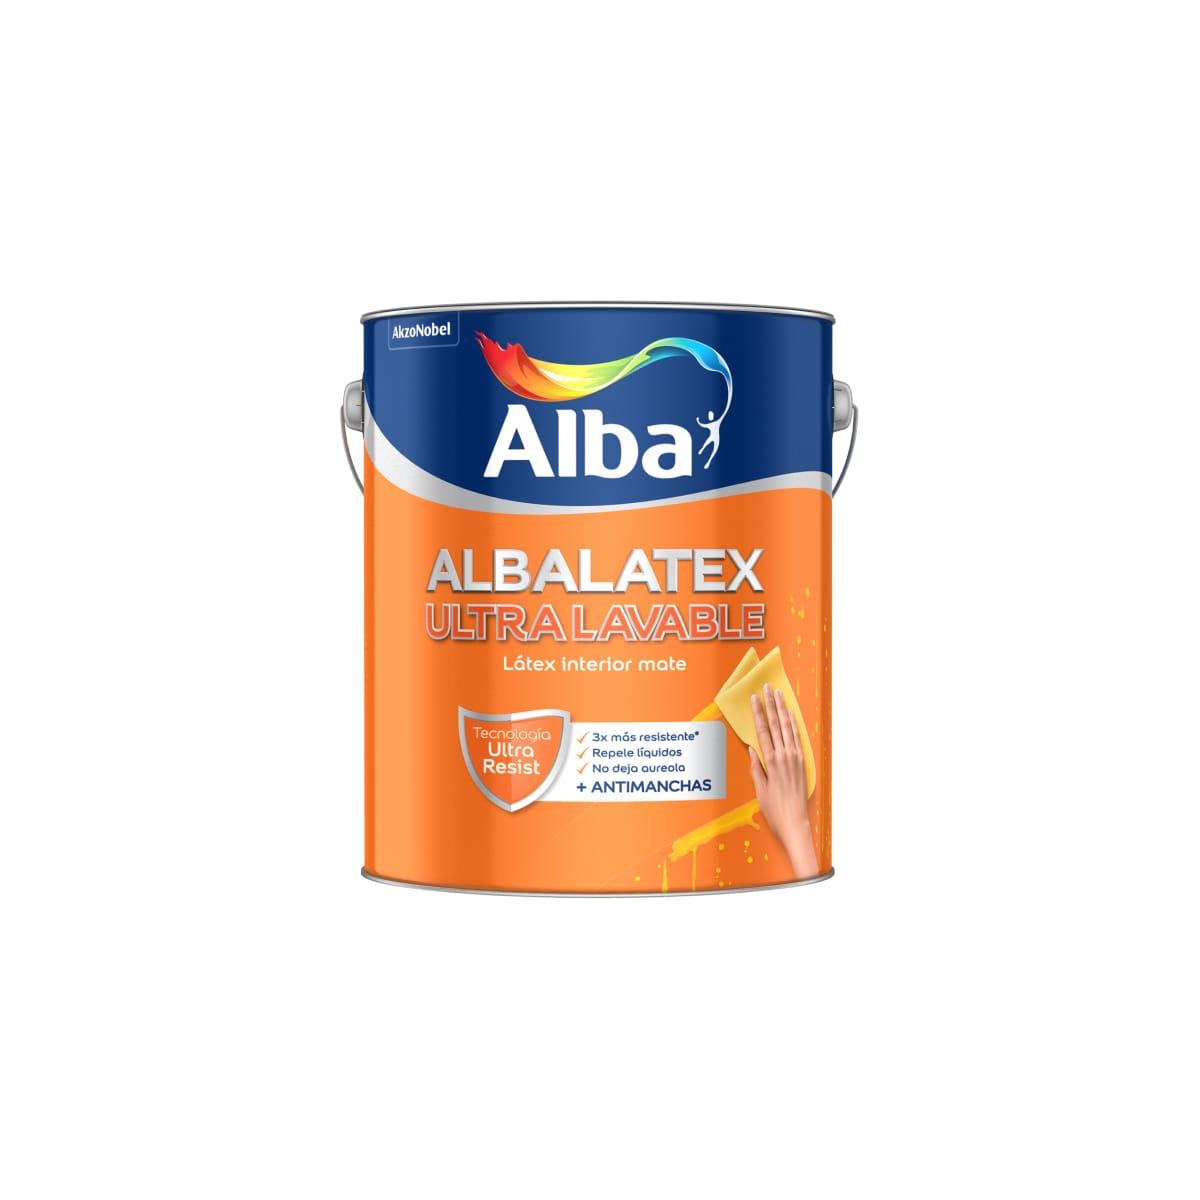 ALBALATEX ultralavable